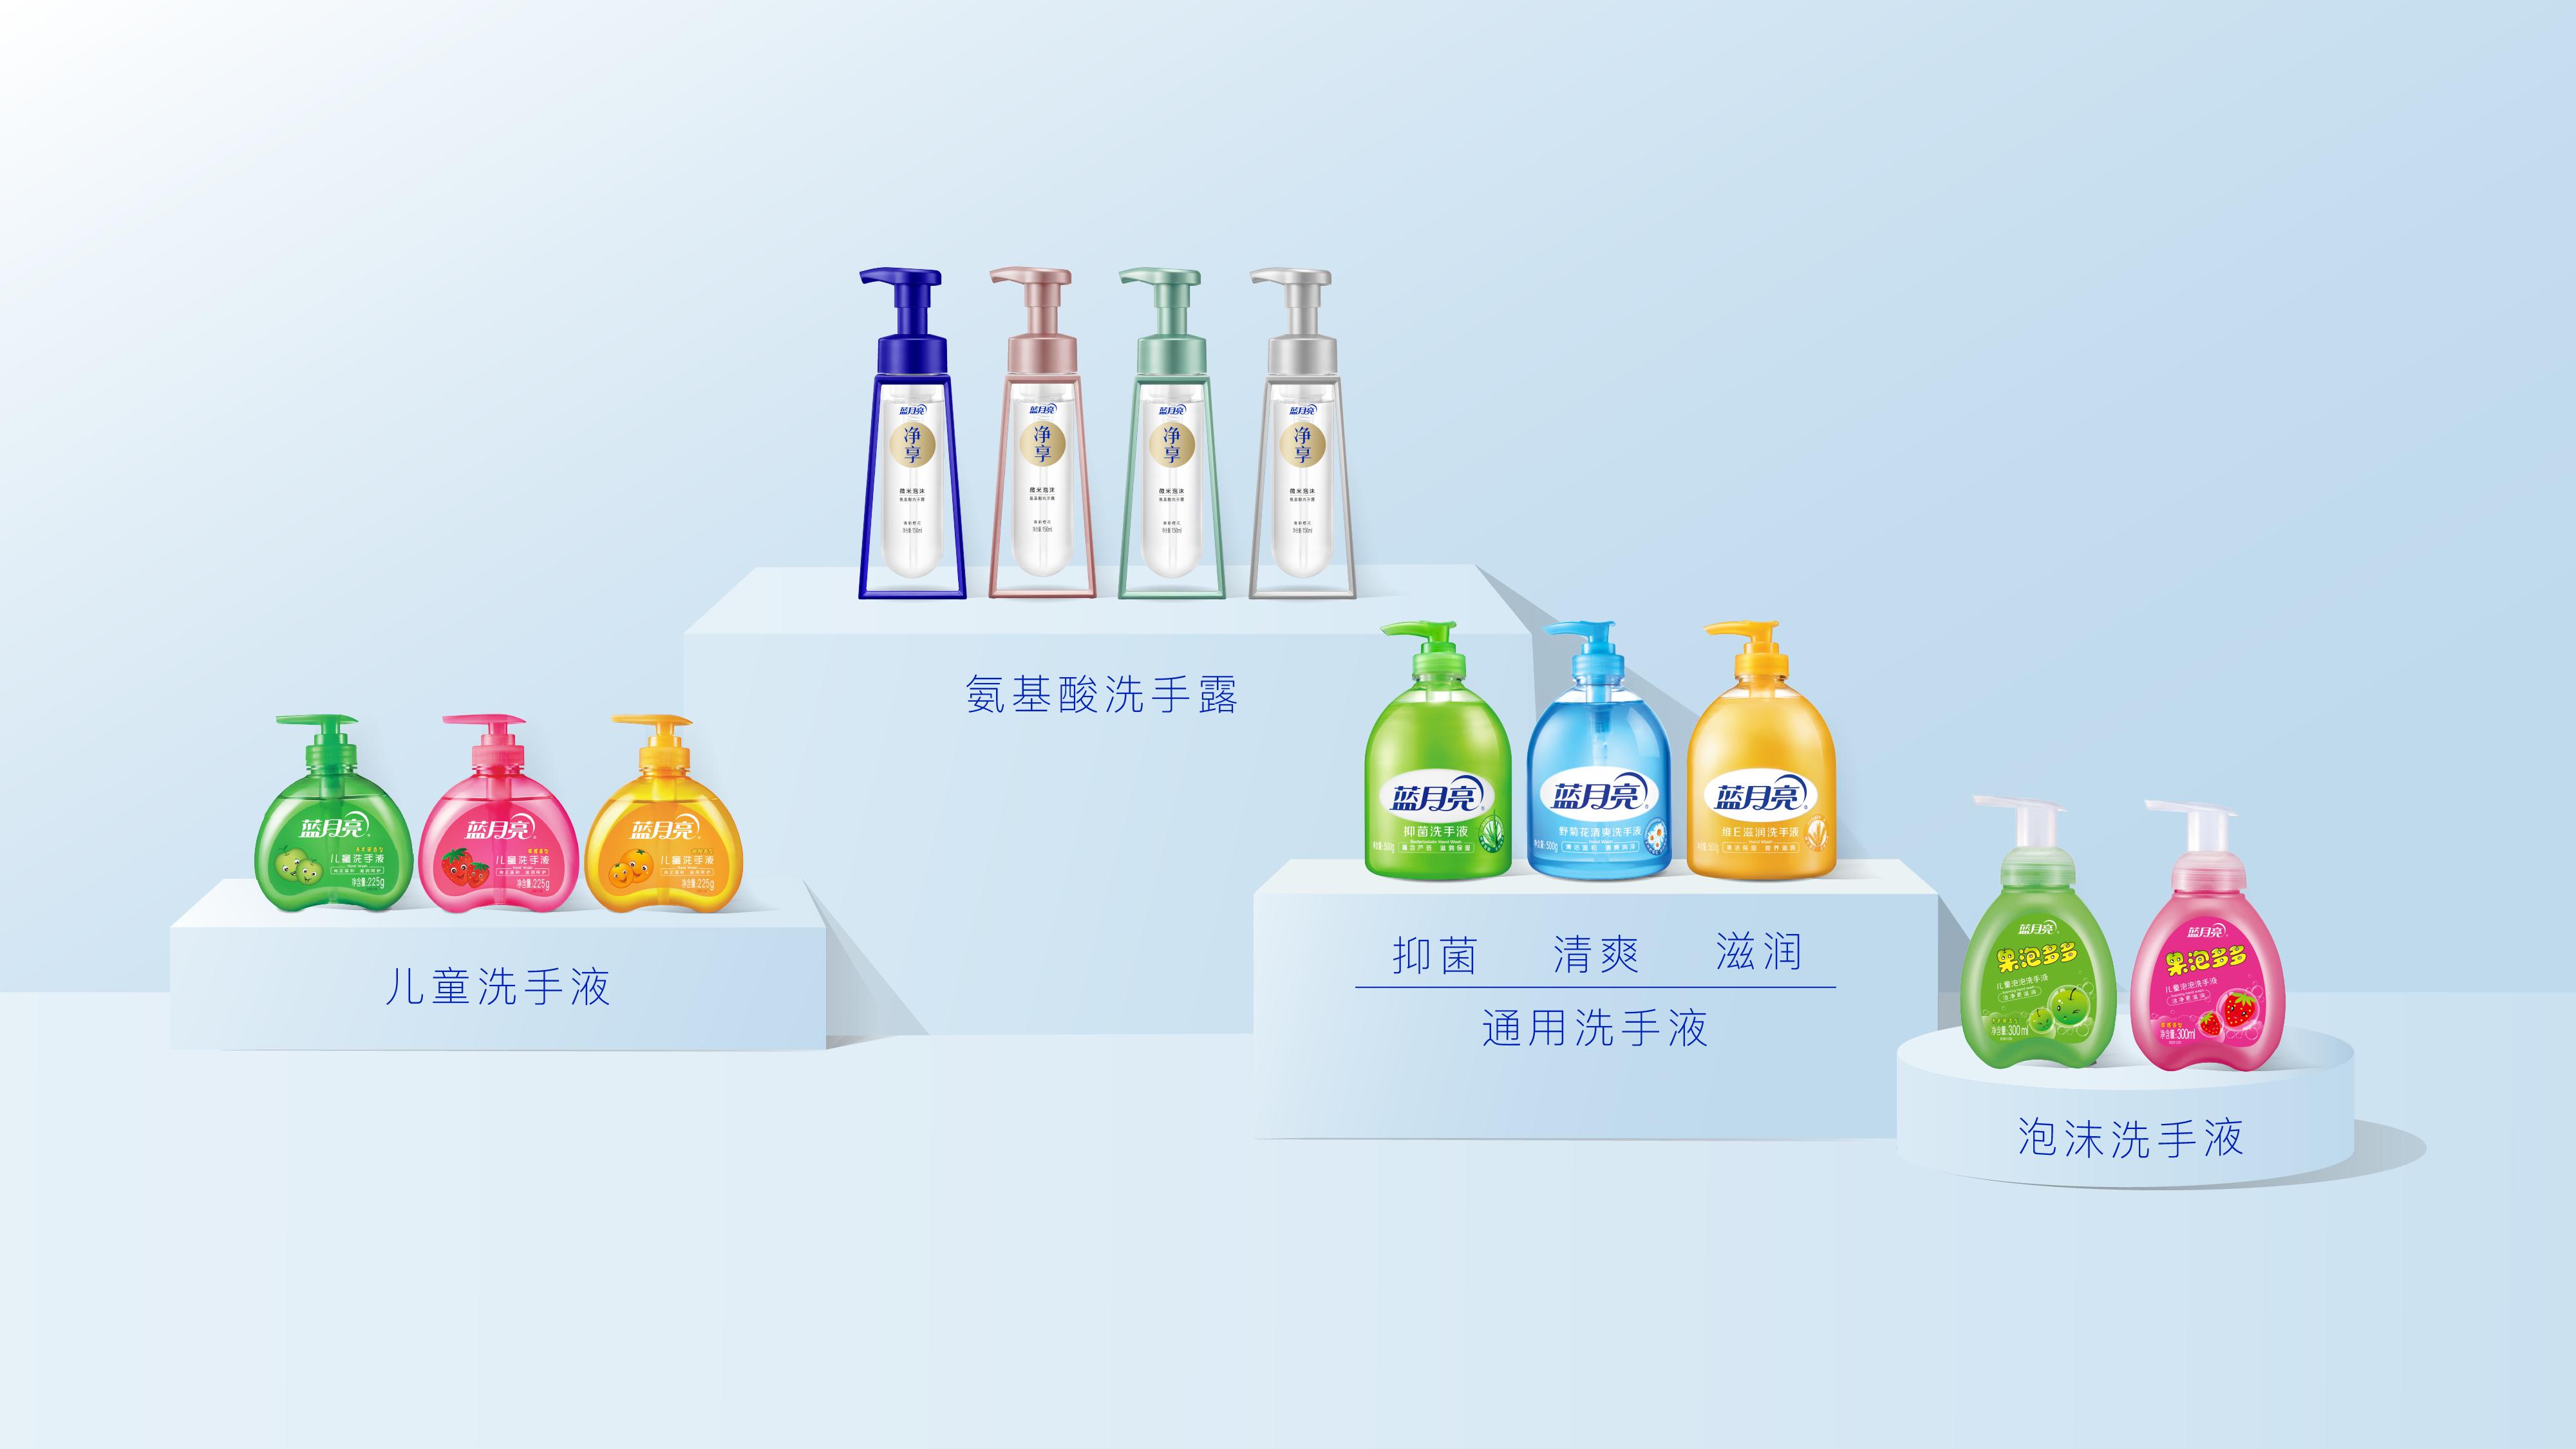 4. 蓝月亮洗手系列产品.png